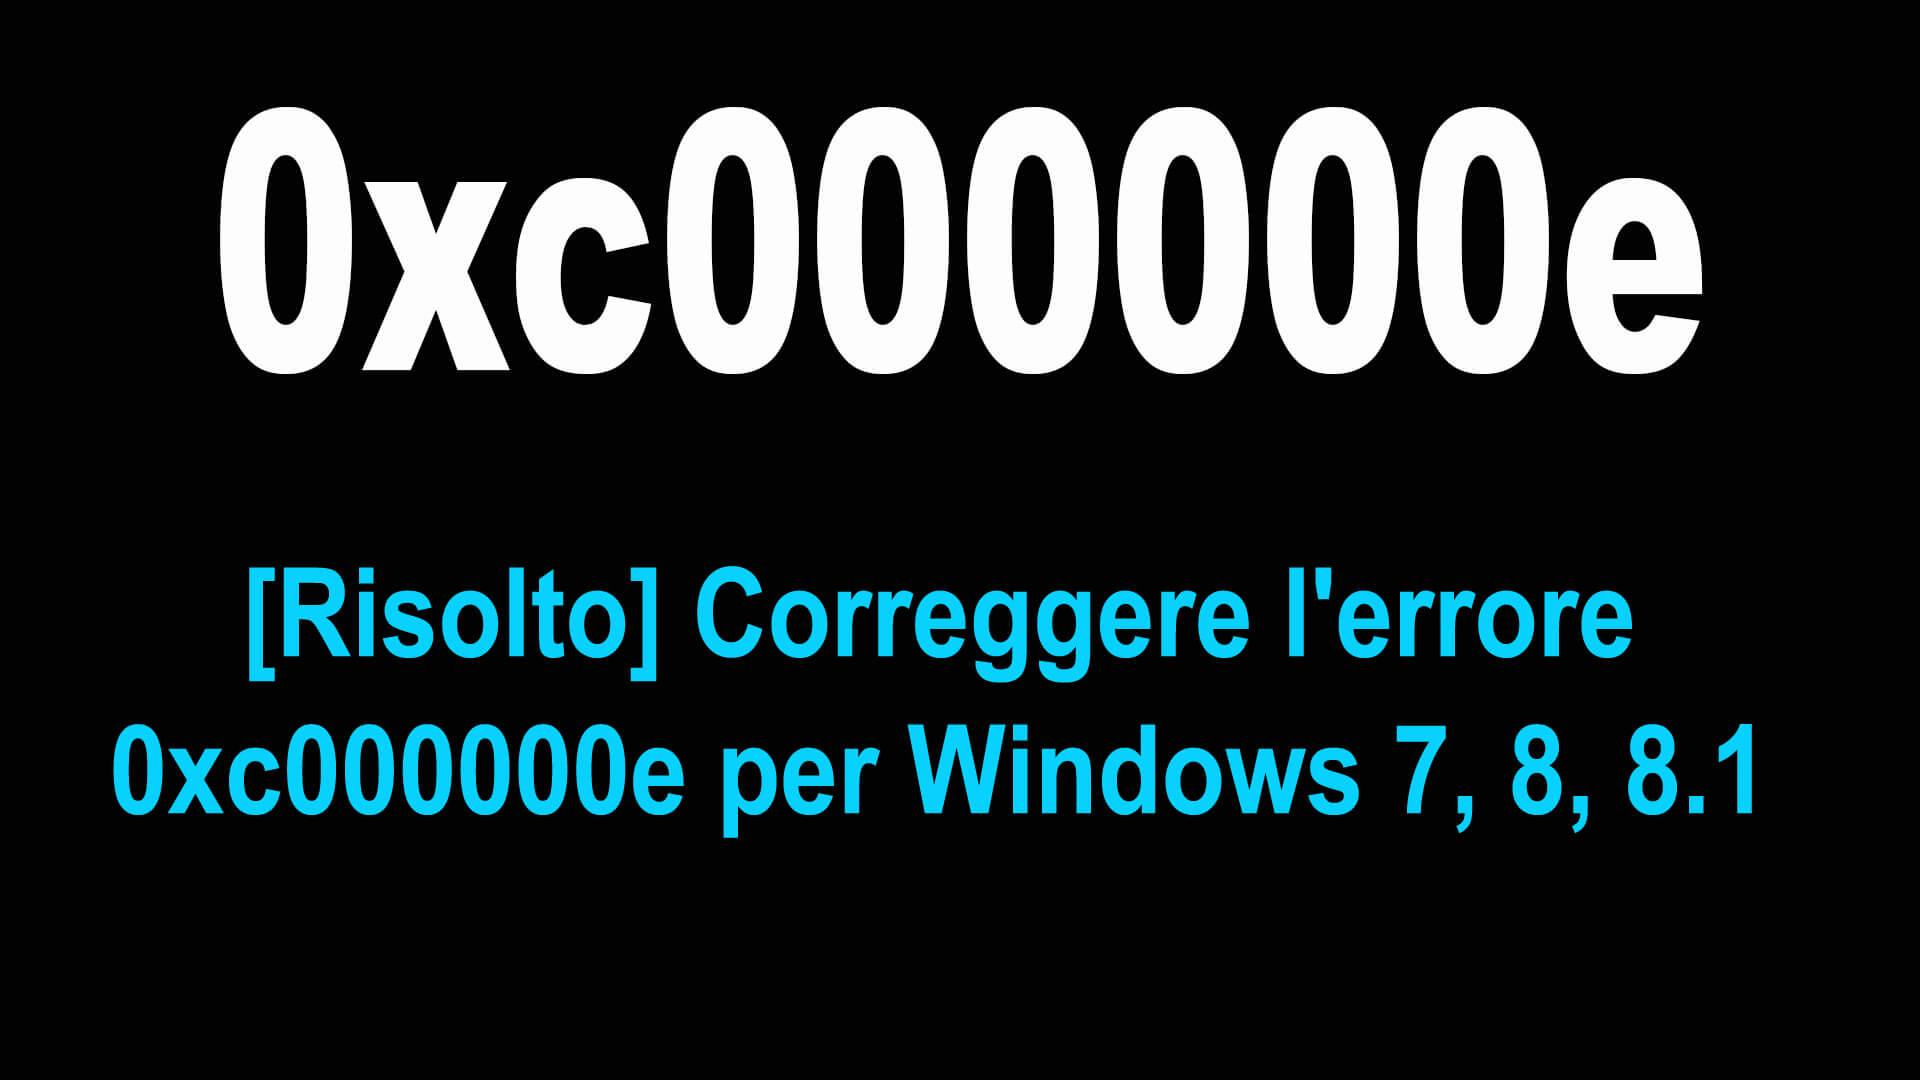 errore 0xc000000e